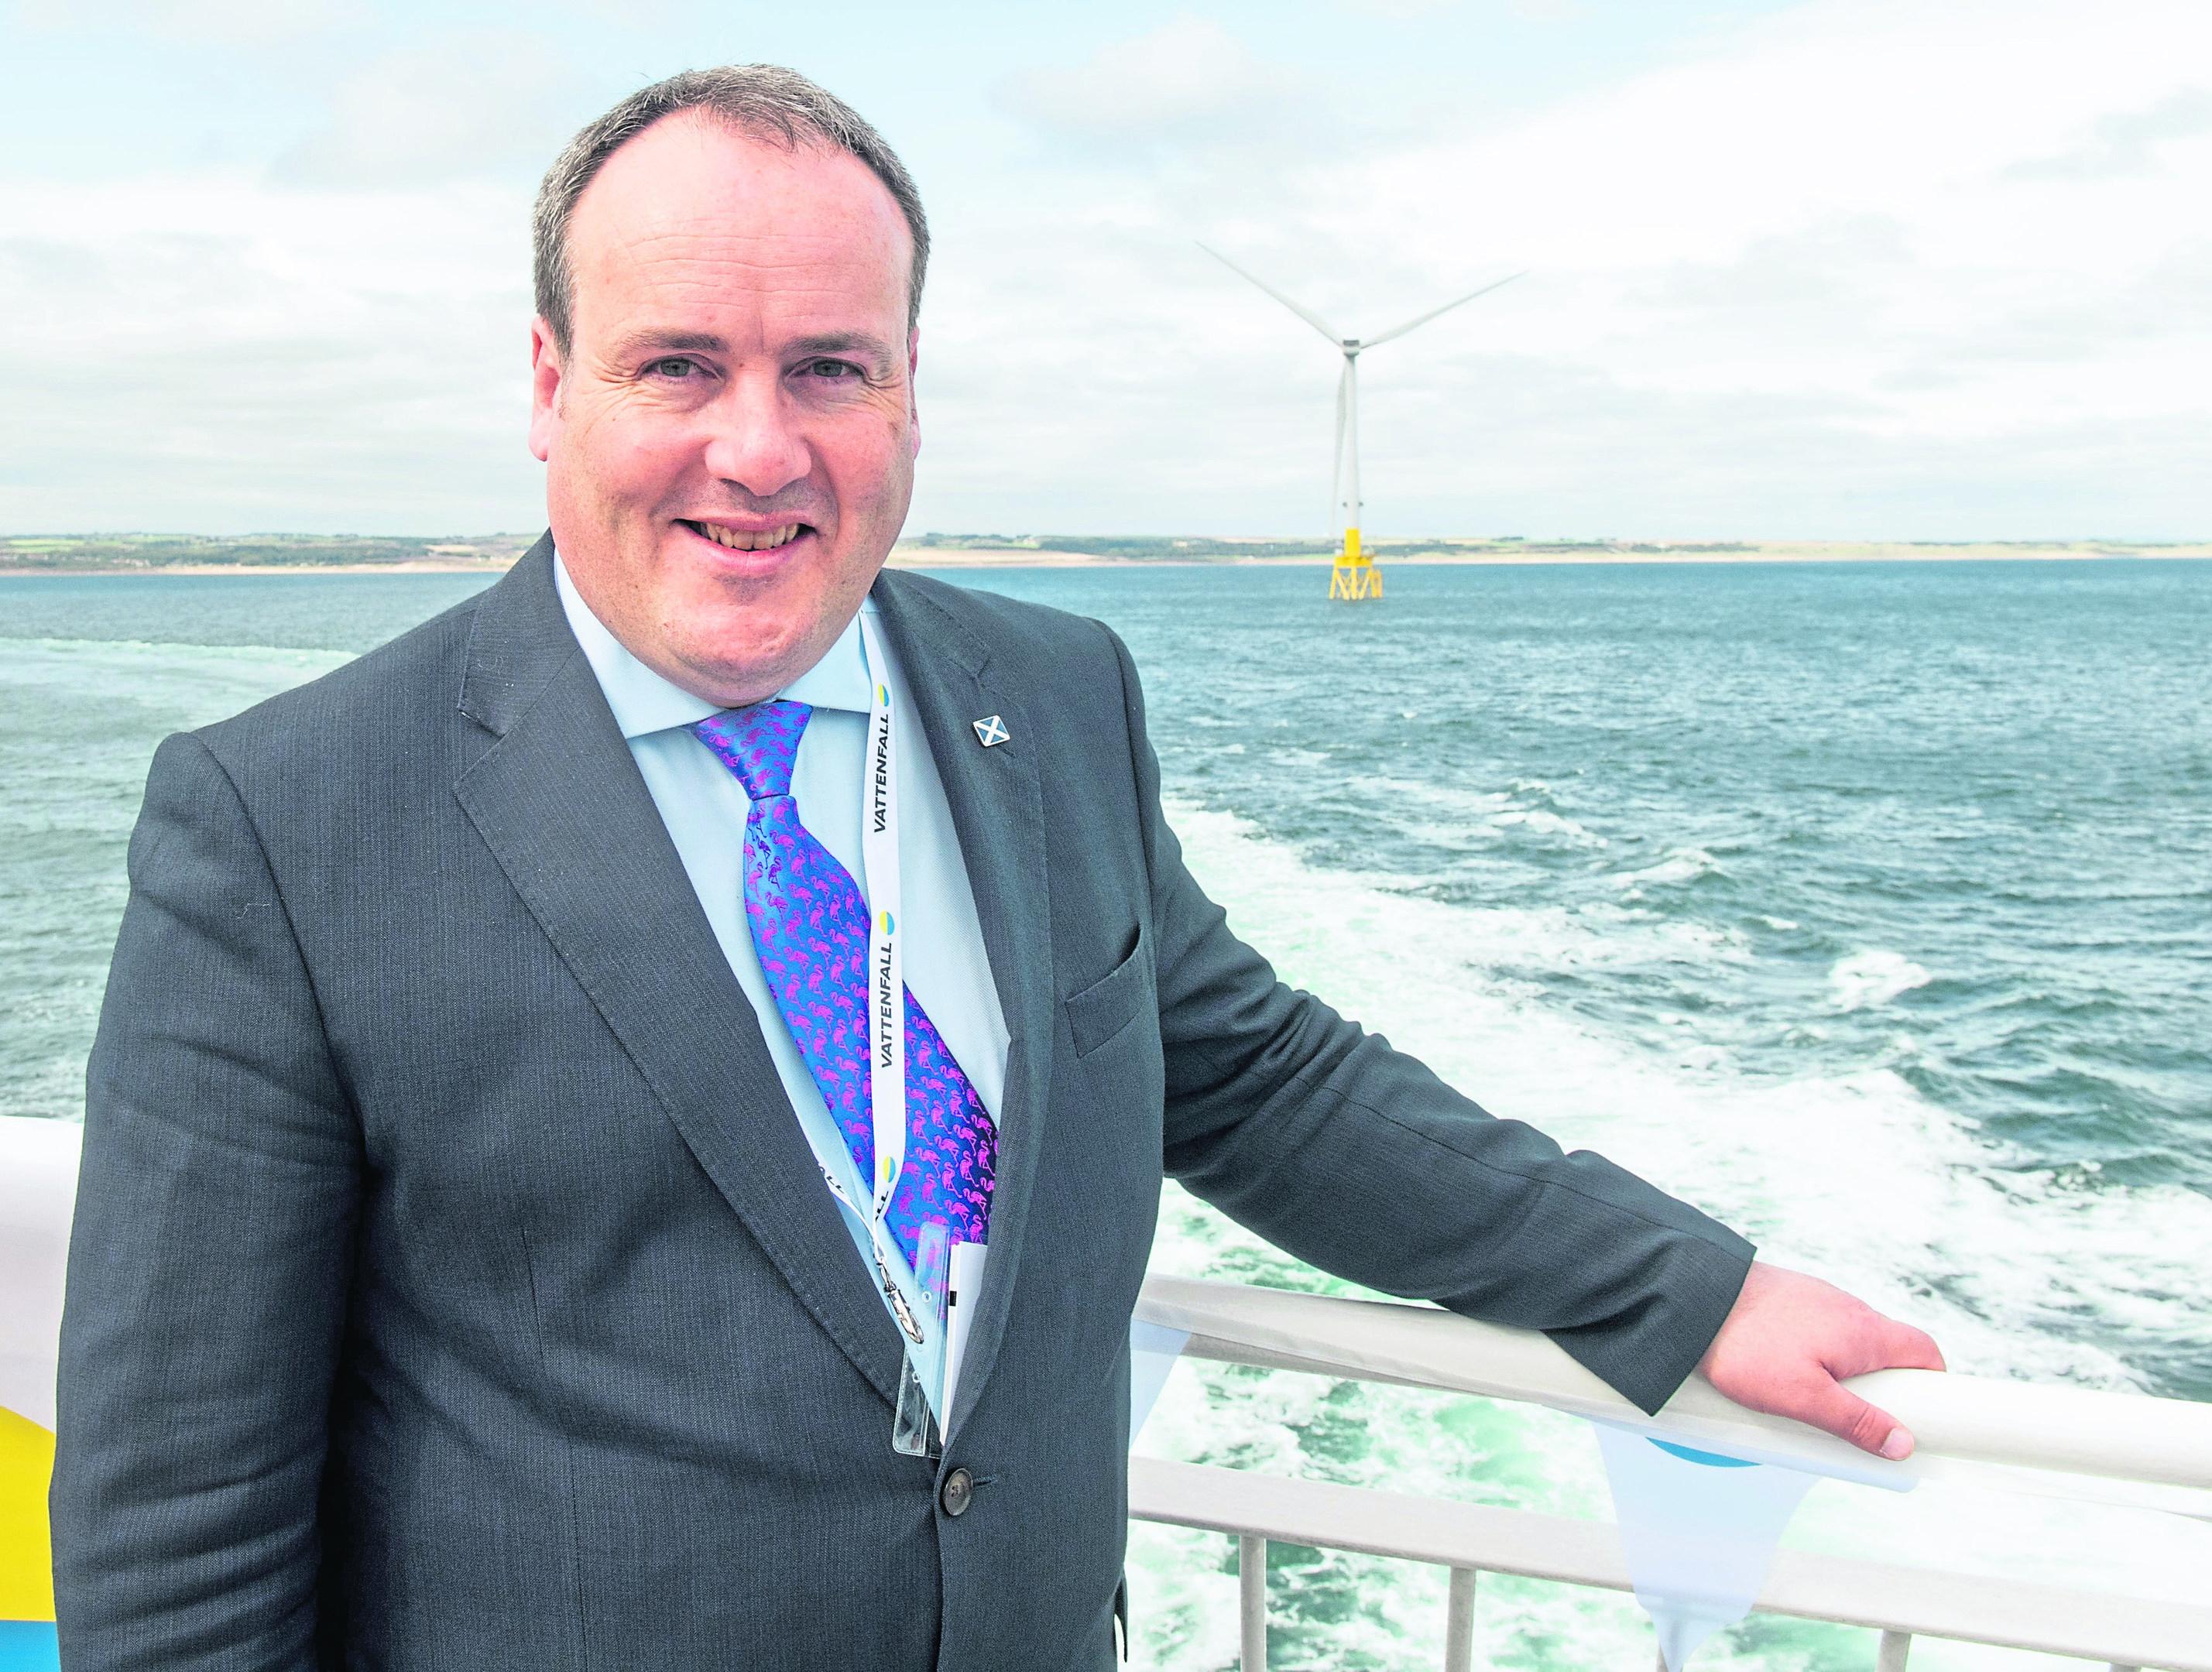 Islands Minister Paul Wheelhouse